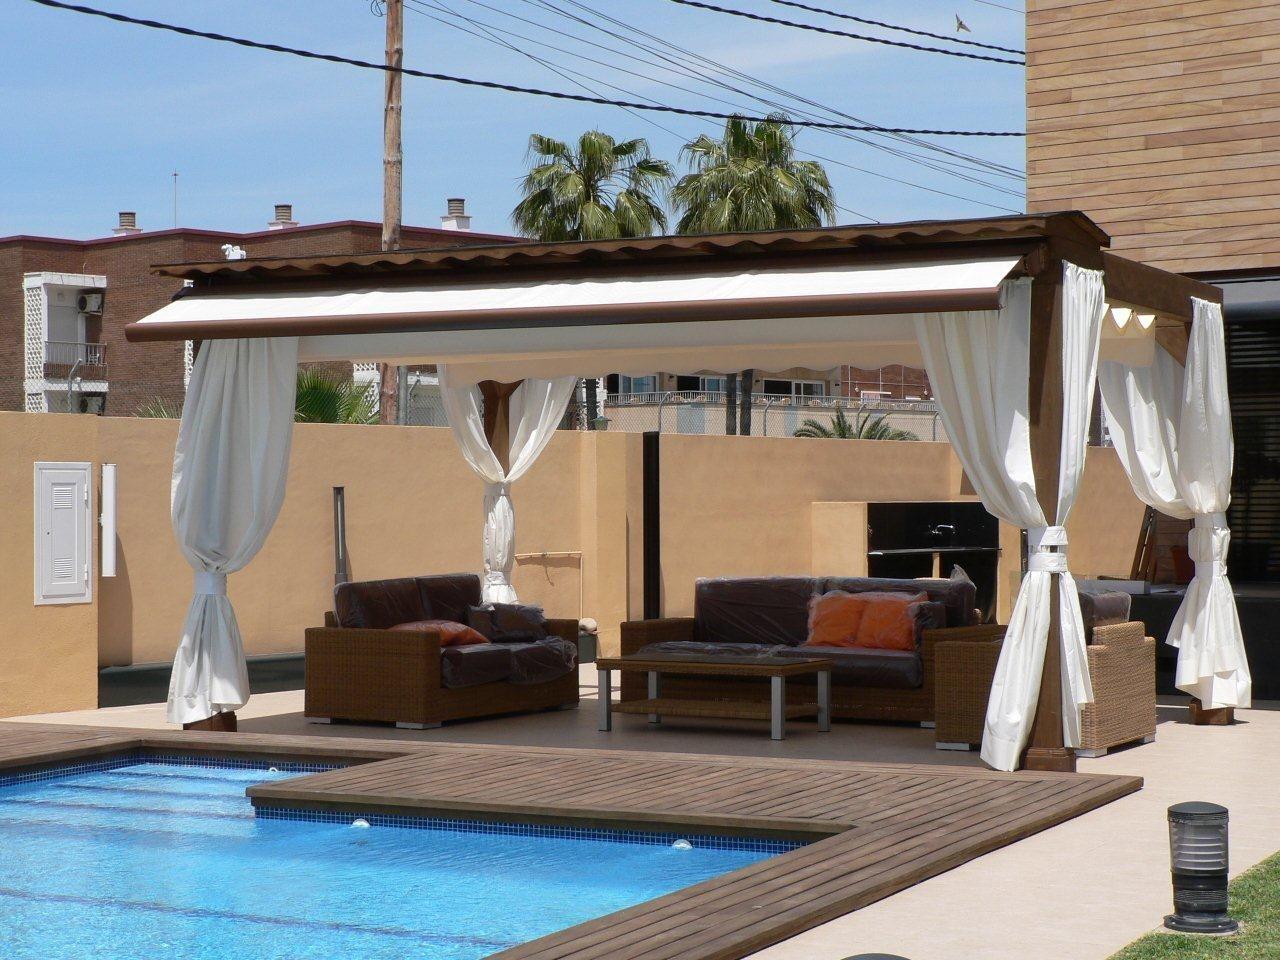 Exterior piscina terraza moderno paisajismo via for Muebles exterior diseno moderno